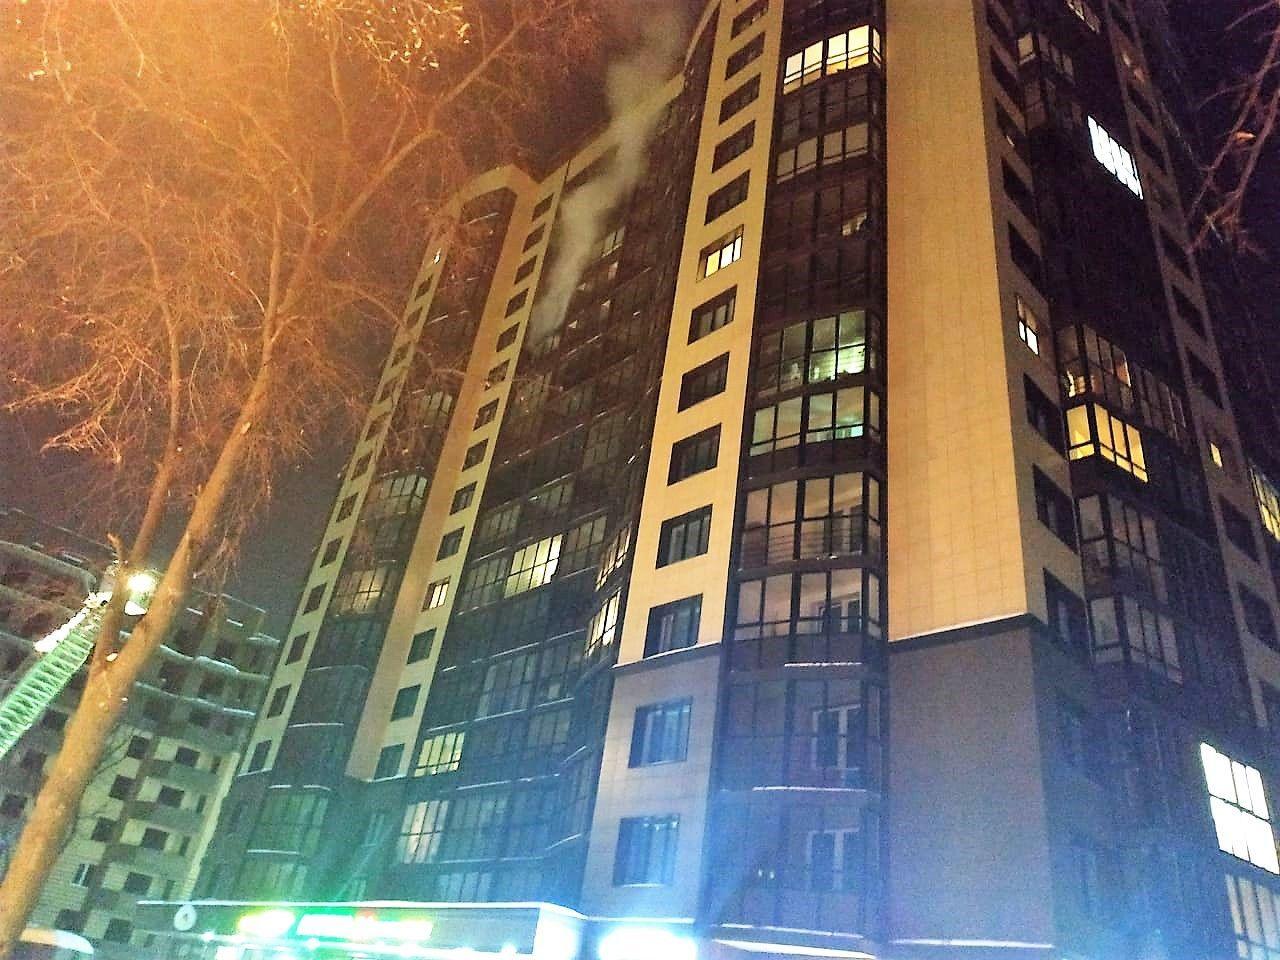 Пожарные Новой Москвы спасли 5 человек из горящего дома, двое из которых дети